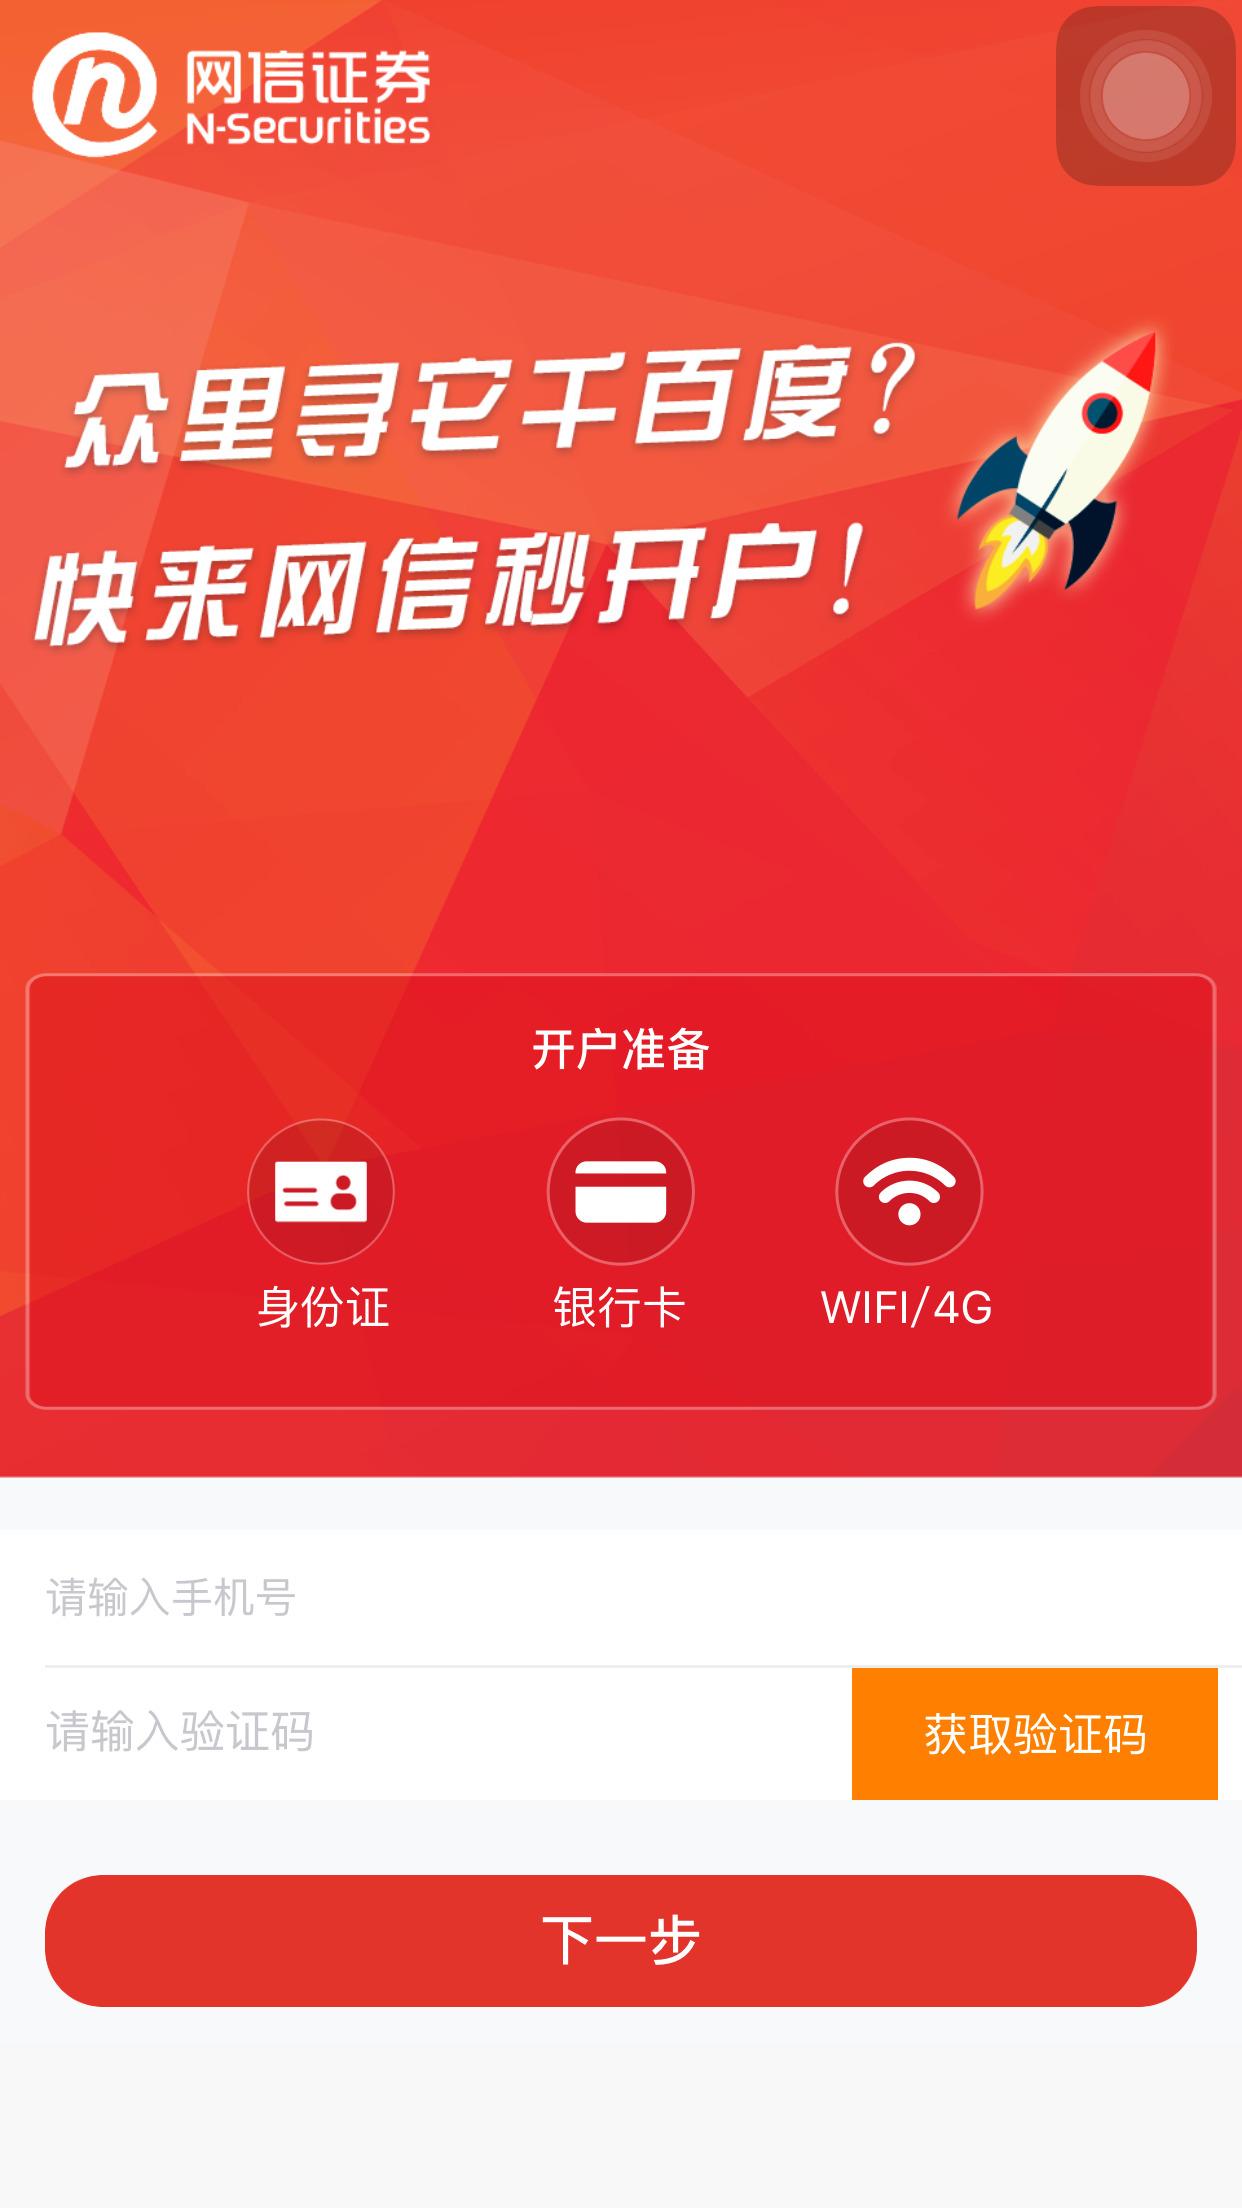 网信证券手机开户ios手机版 v2.6.0 官方iPhone版 3